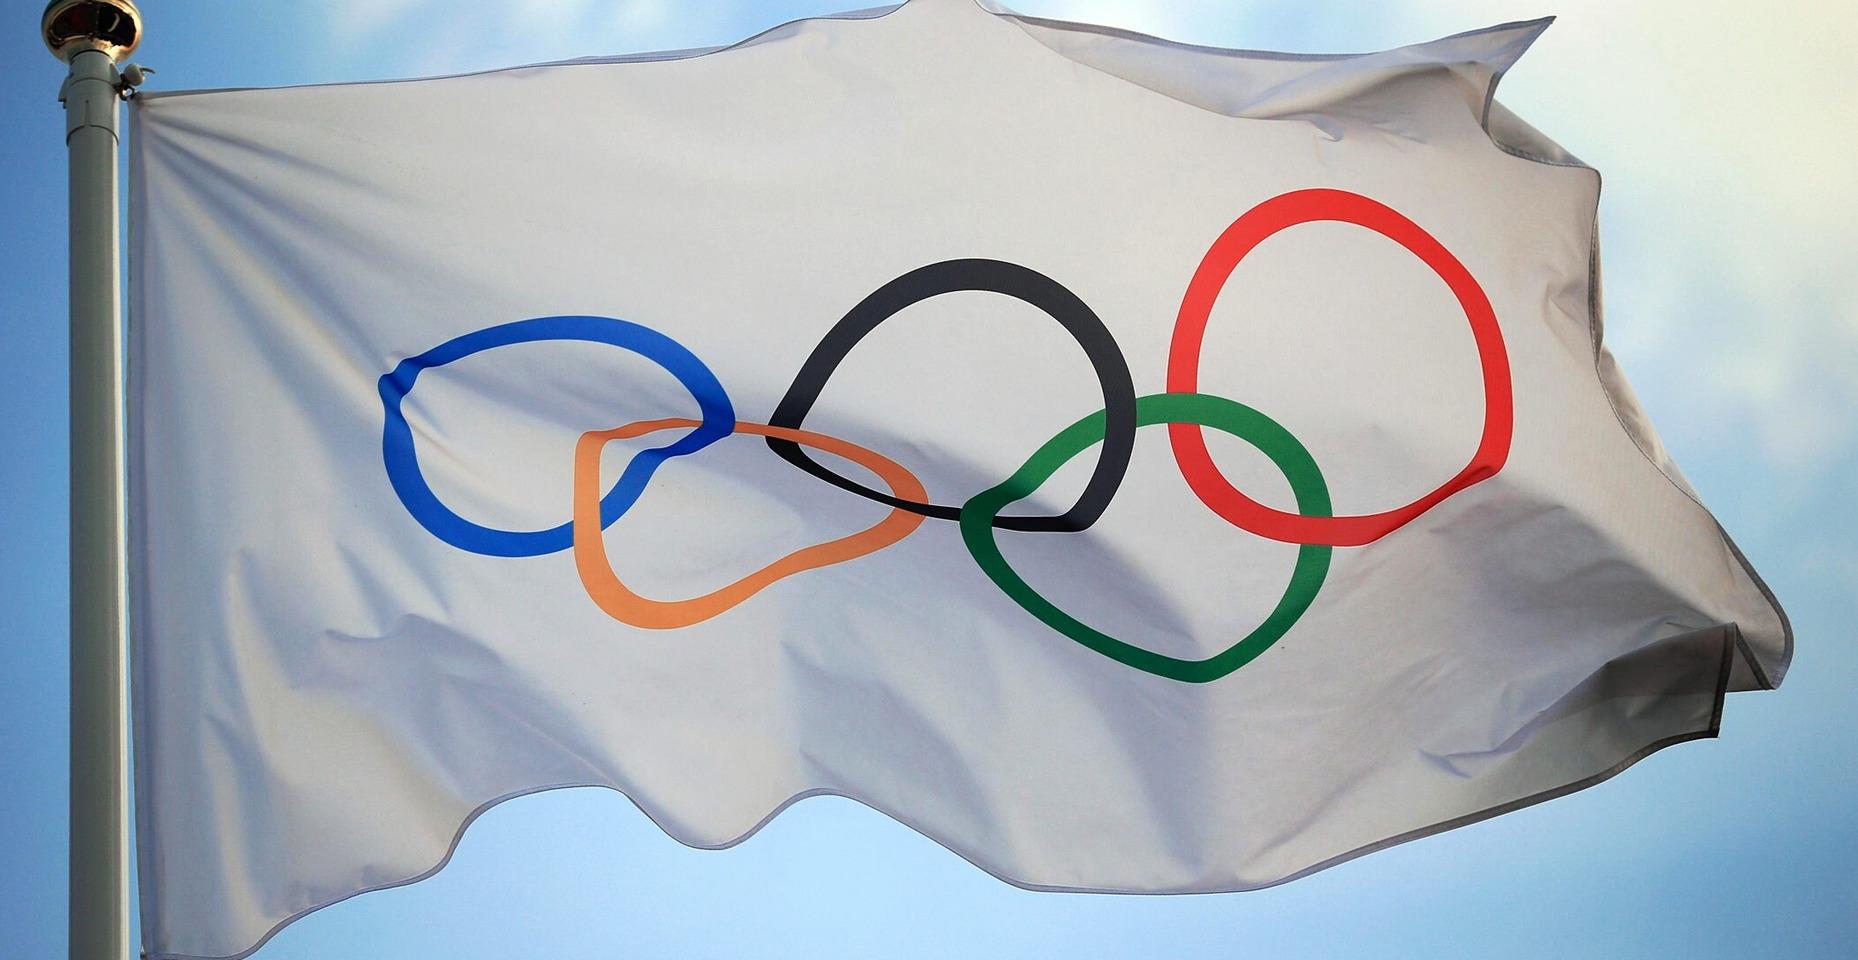 Música de los Juegos Olímpicos